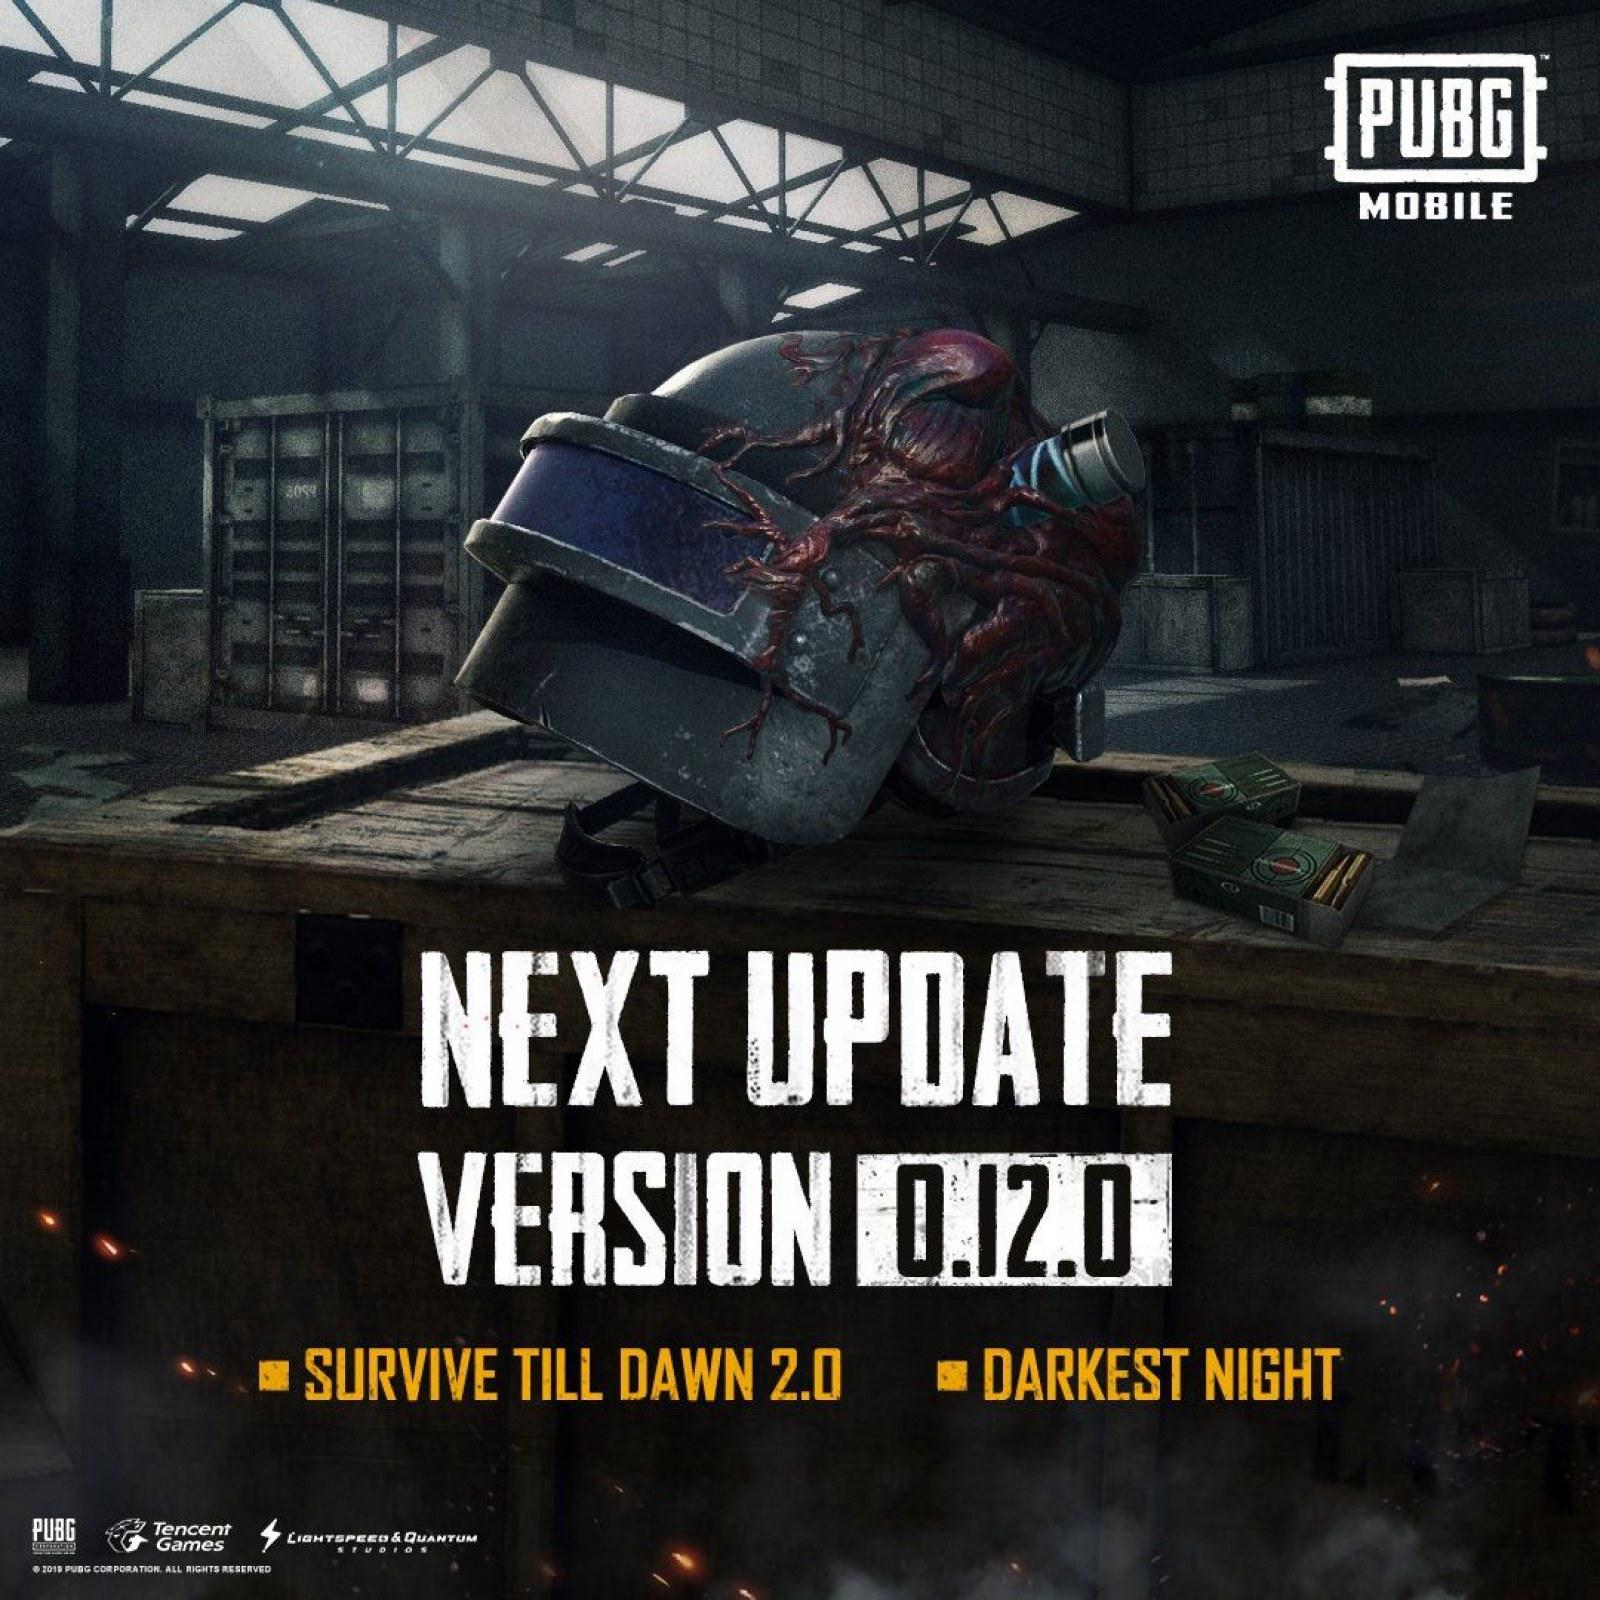 PUBG Mobile' Update 0 12 0 Adds Darkest Night & Tweaks Zombies